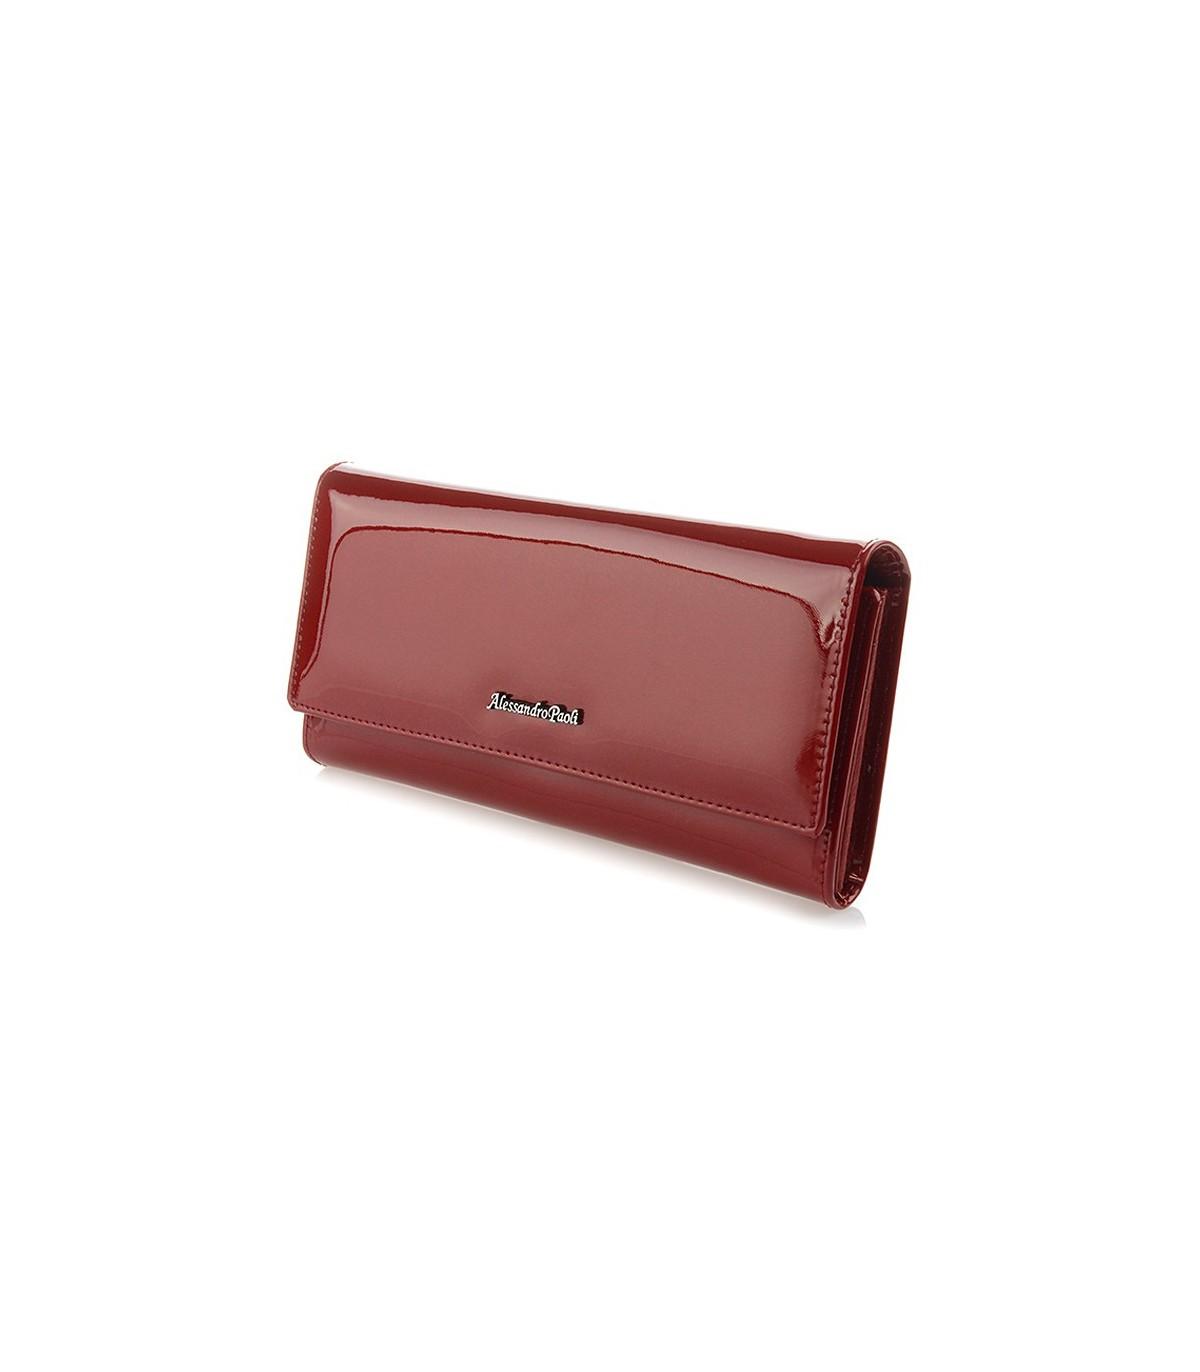 Alessandro Paoli L20 Dámska kožená peňaženka červená